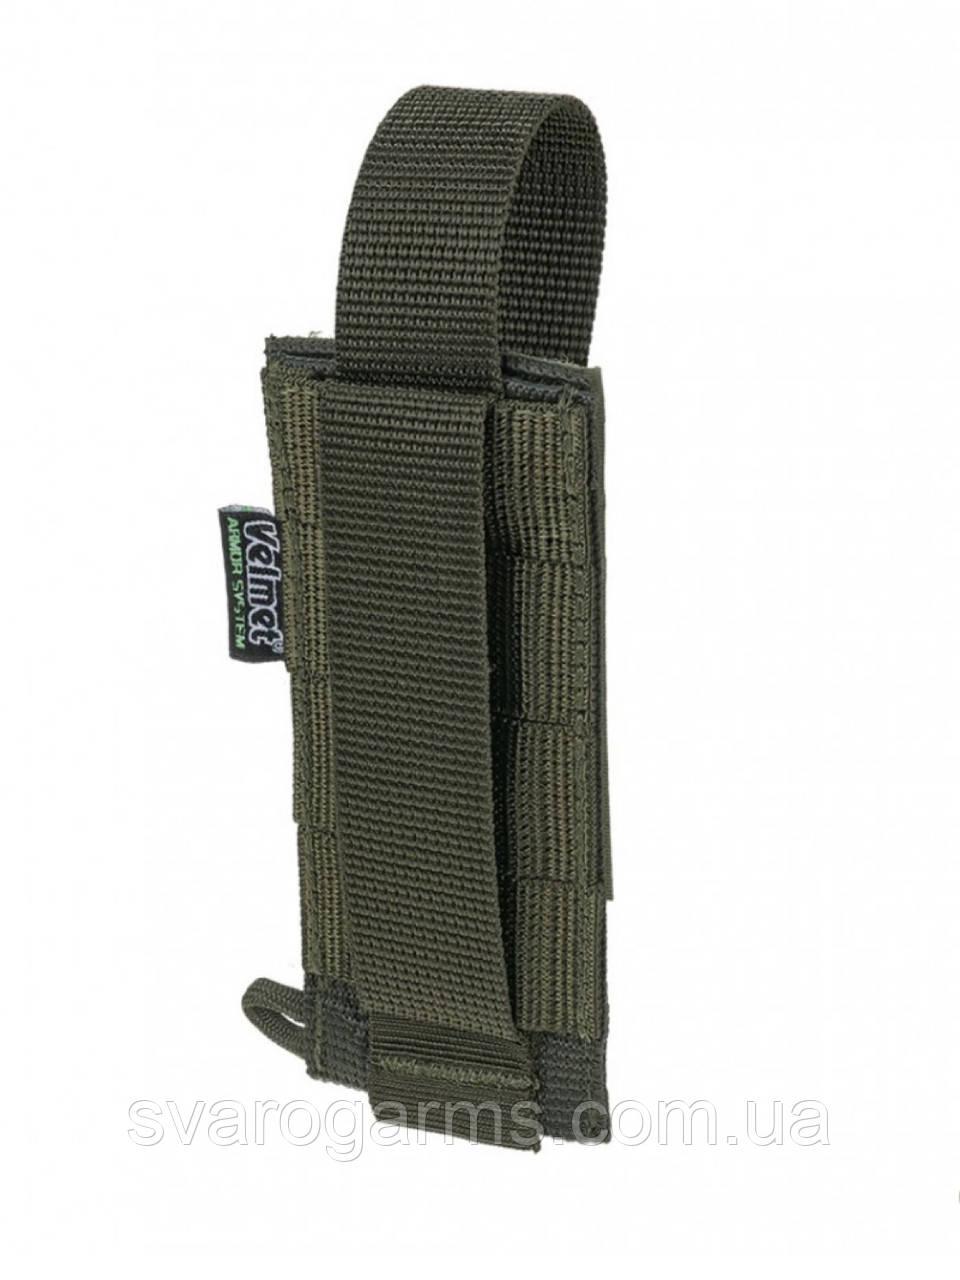 Підсумок для ножиців MSP1 Ranger Green